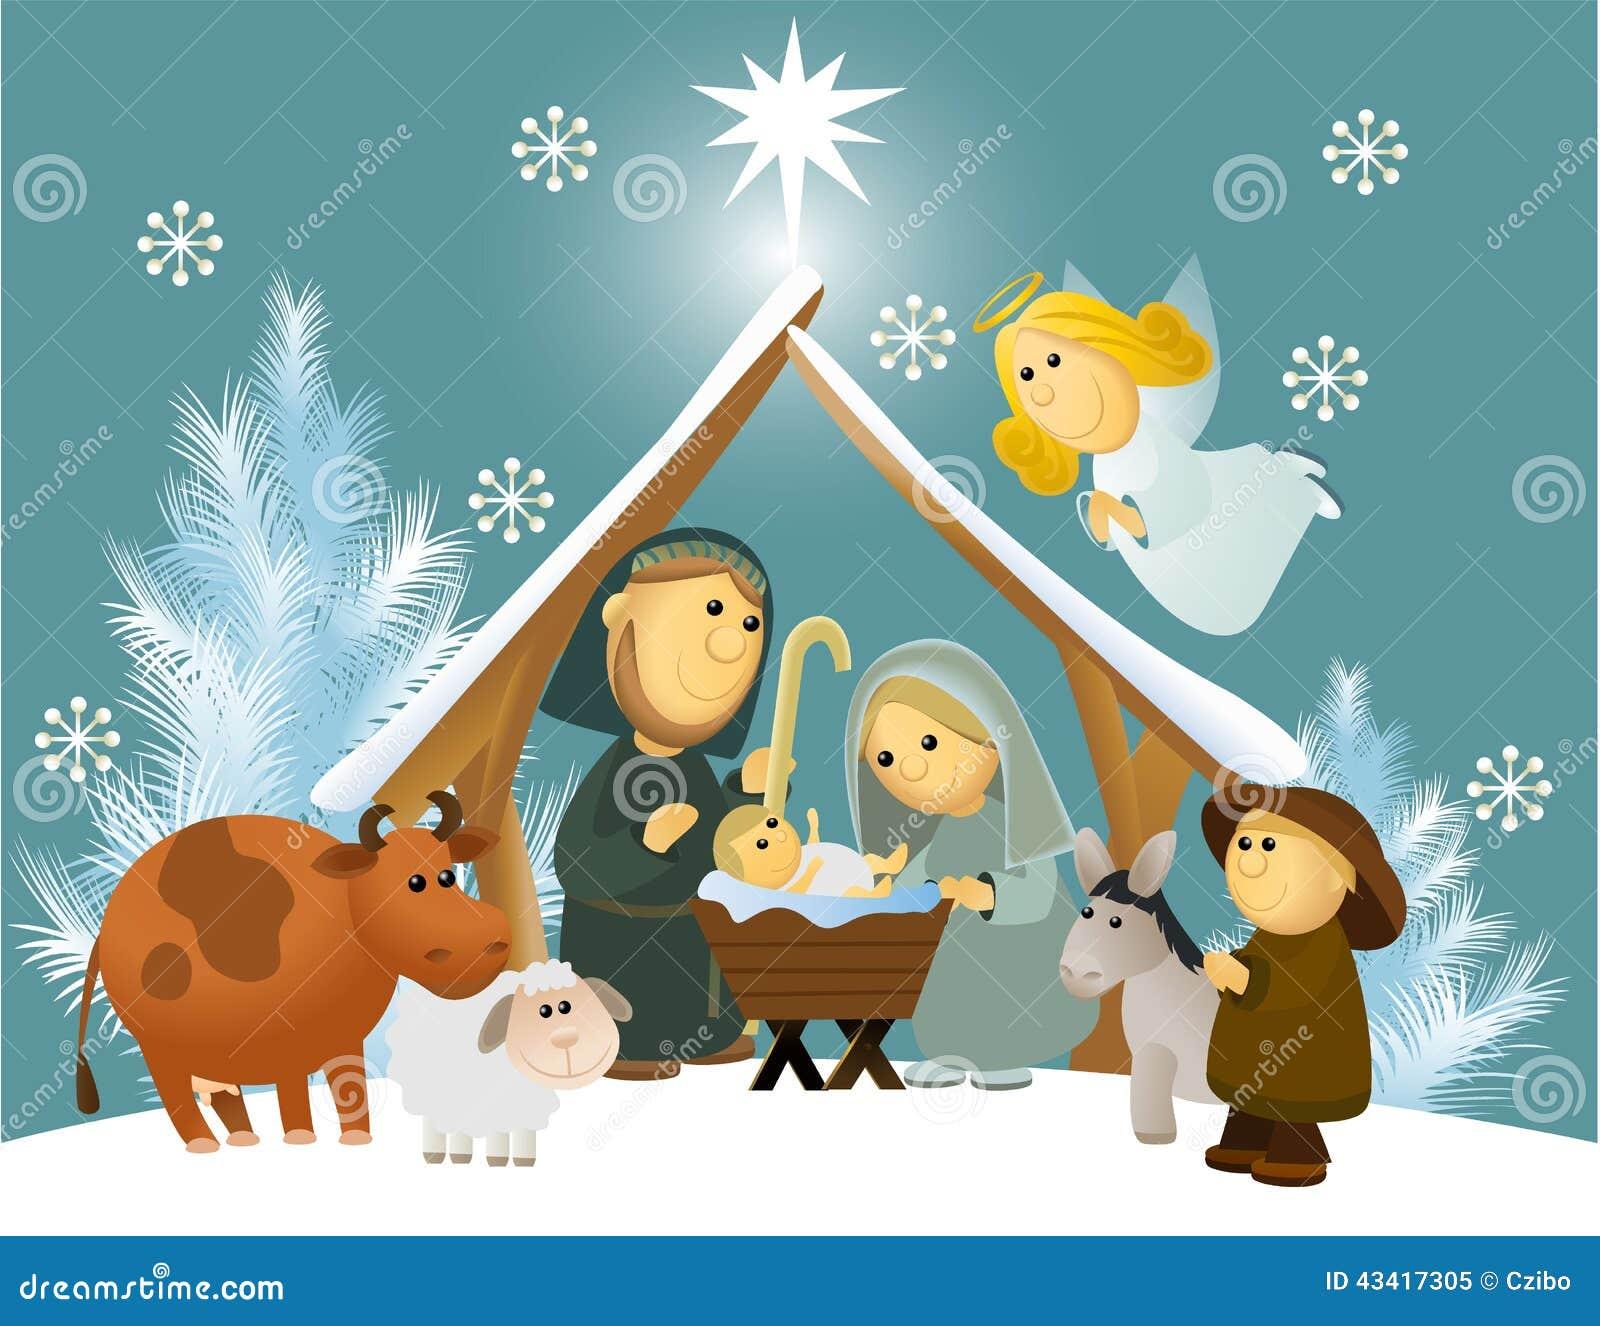 Cartoon Nativity Scene With Holy Family Stock Vector - Image: 43417305